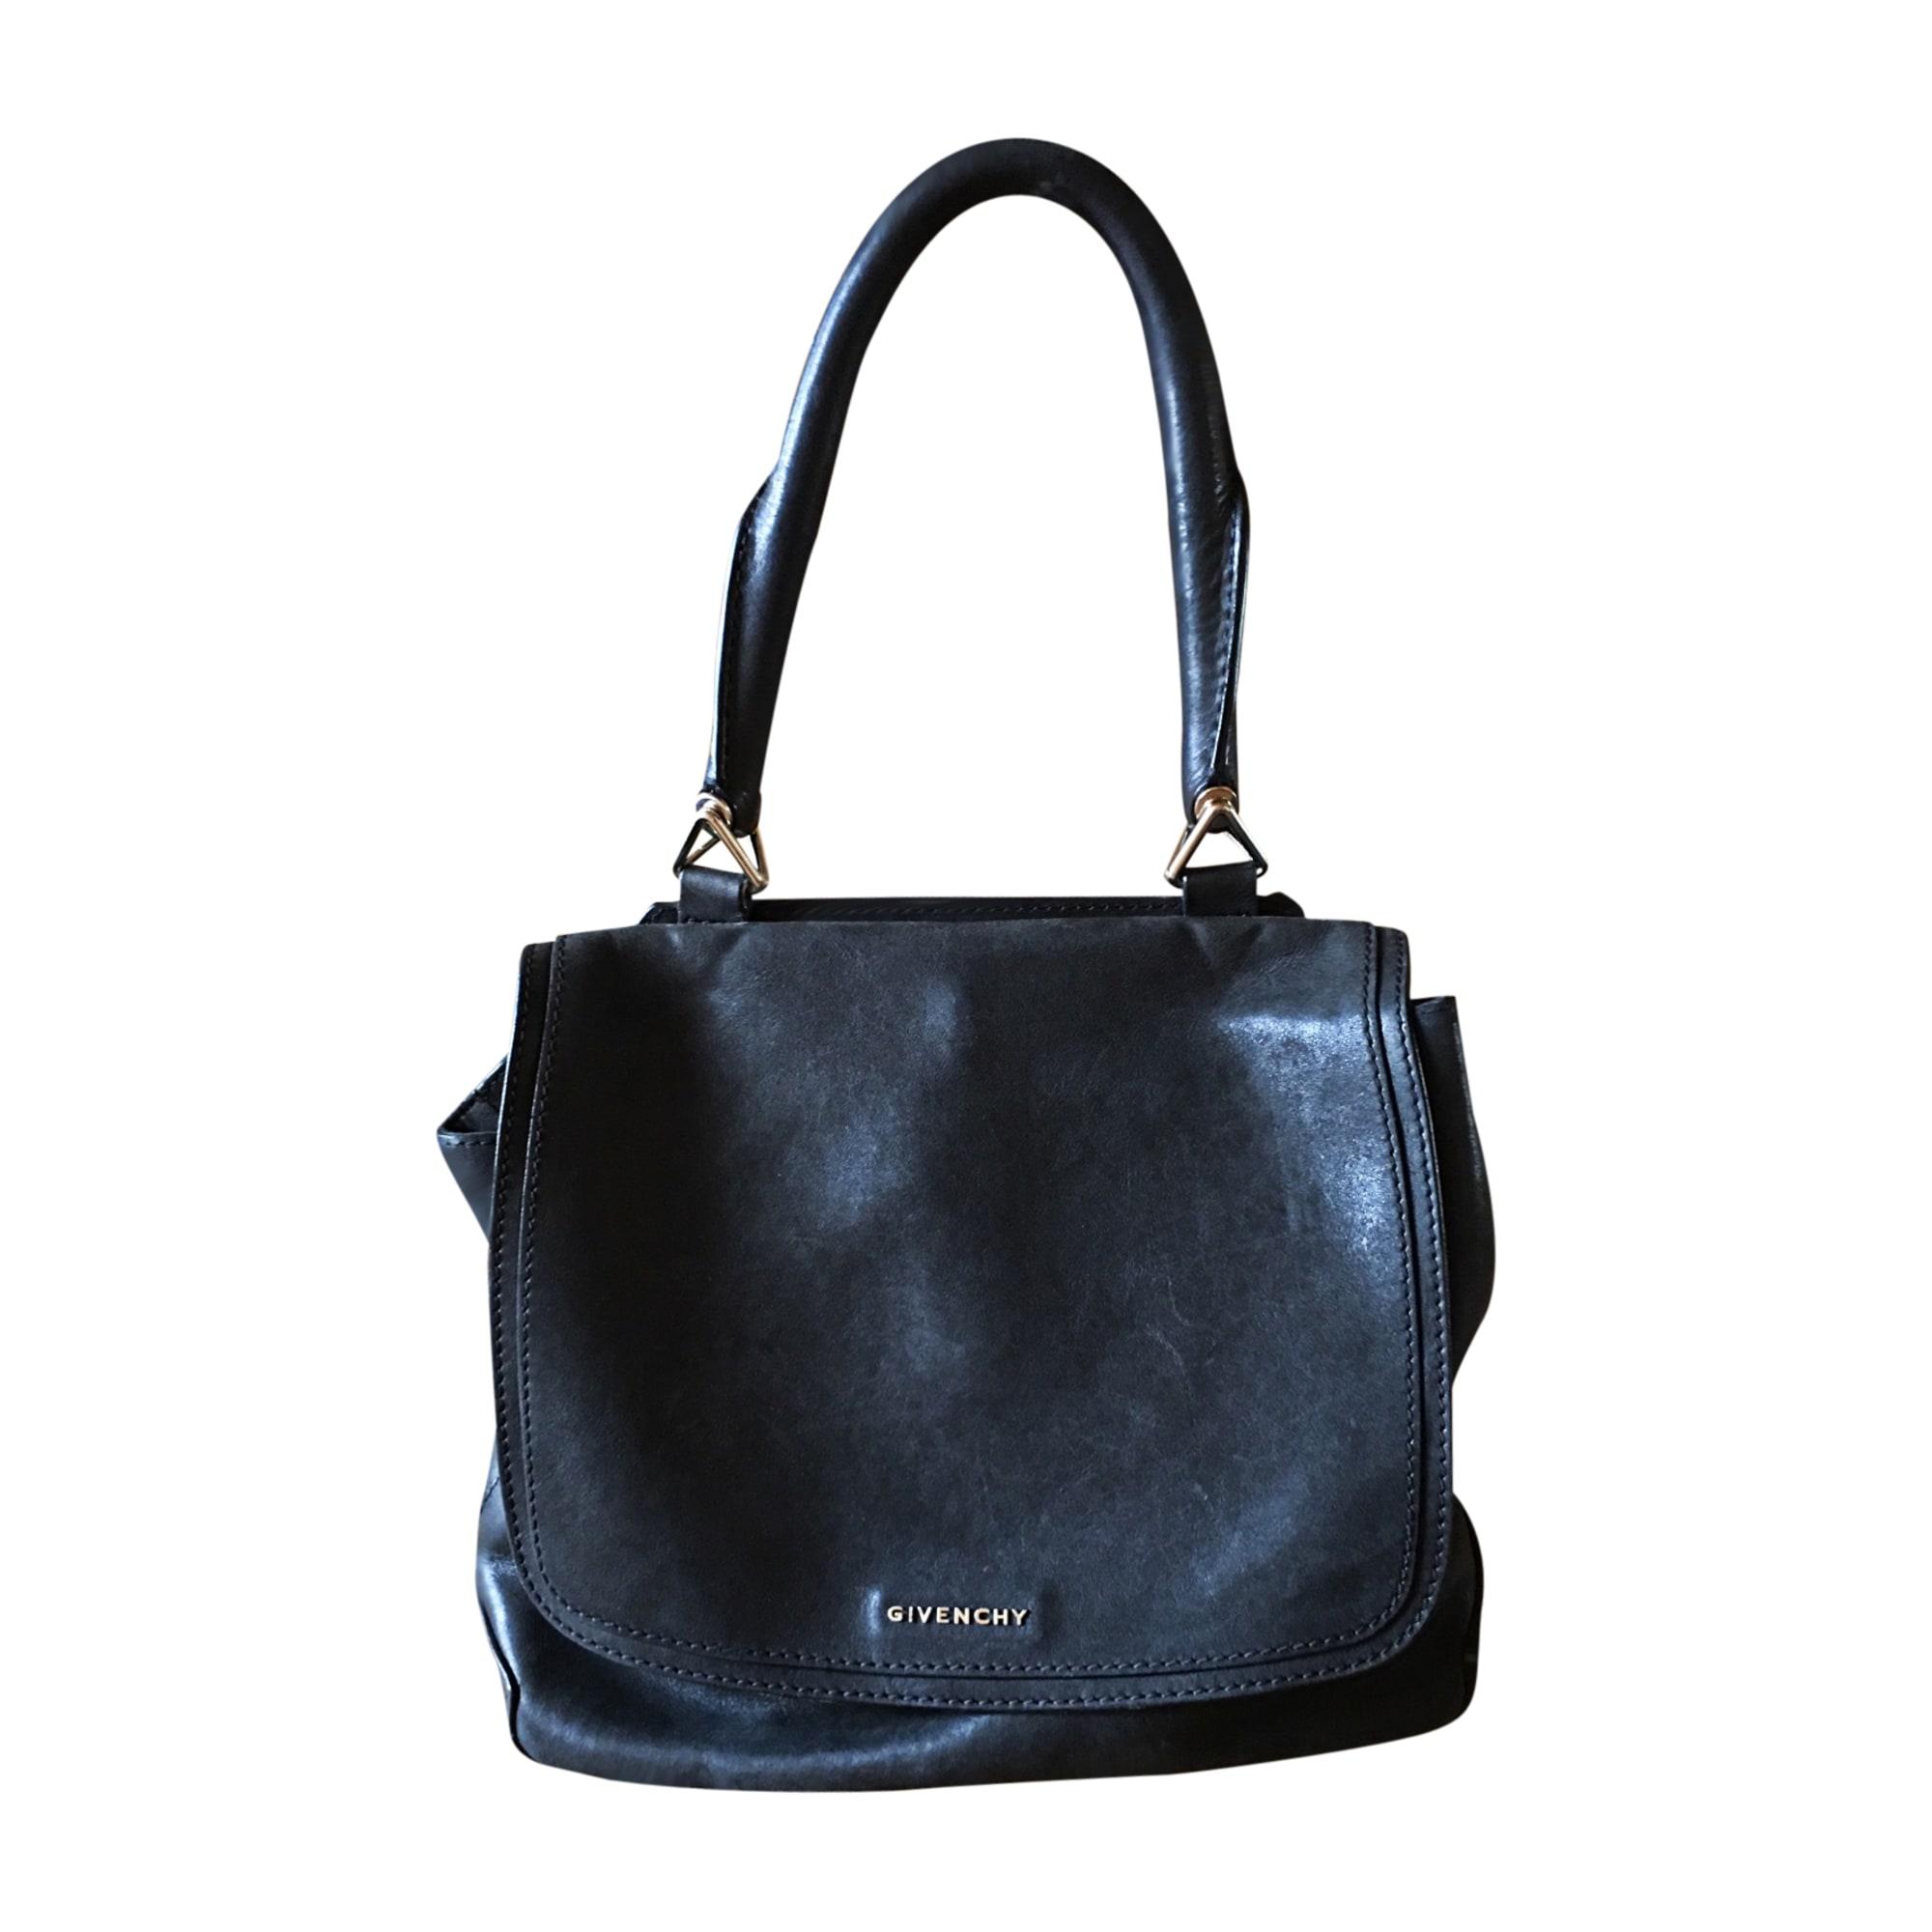 7812065 Bandoulière En Givenchy Sac Noir Cuir OXpFWxqw